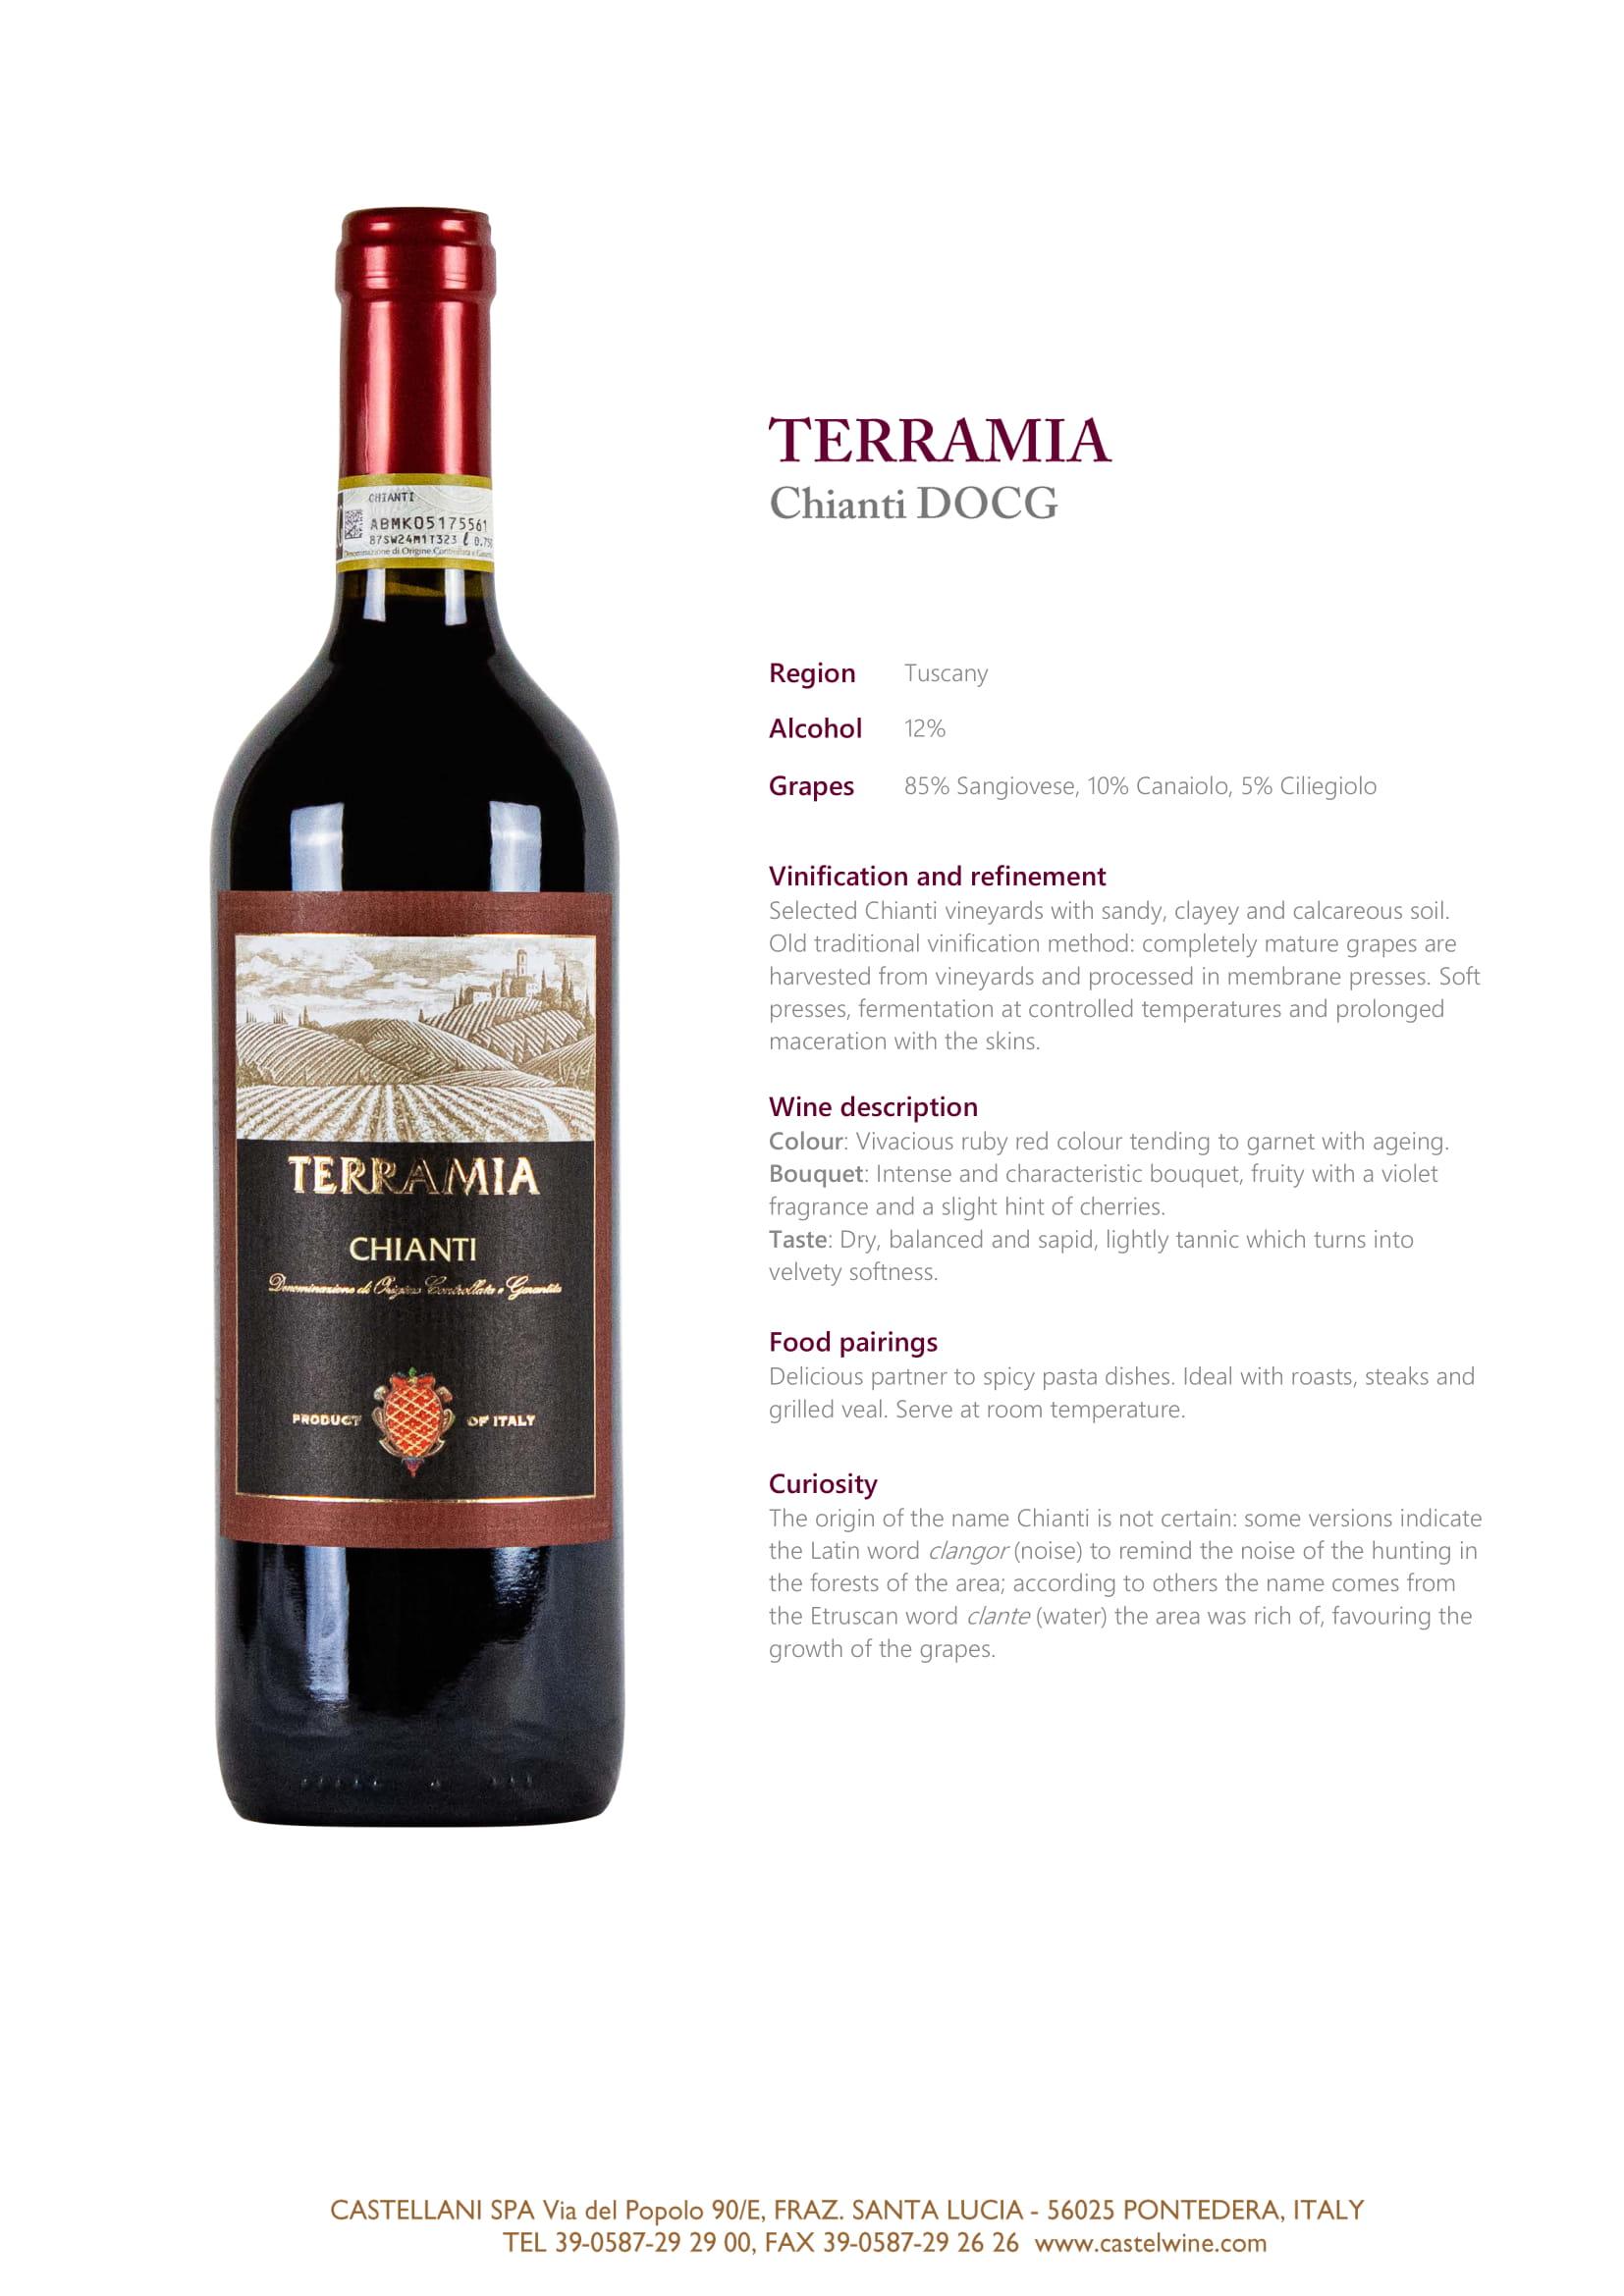 Terramia Chianti Tech Sheet